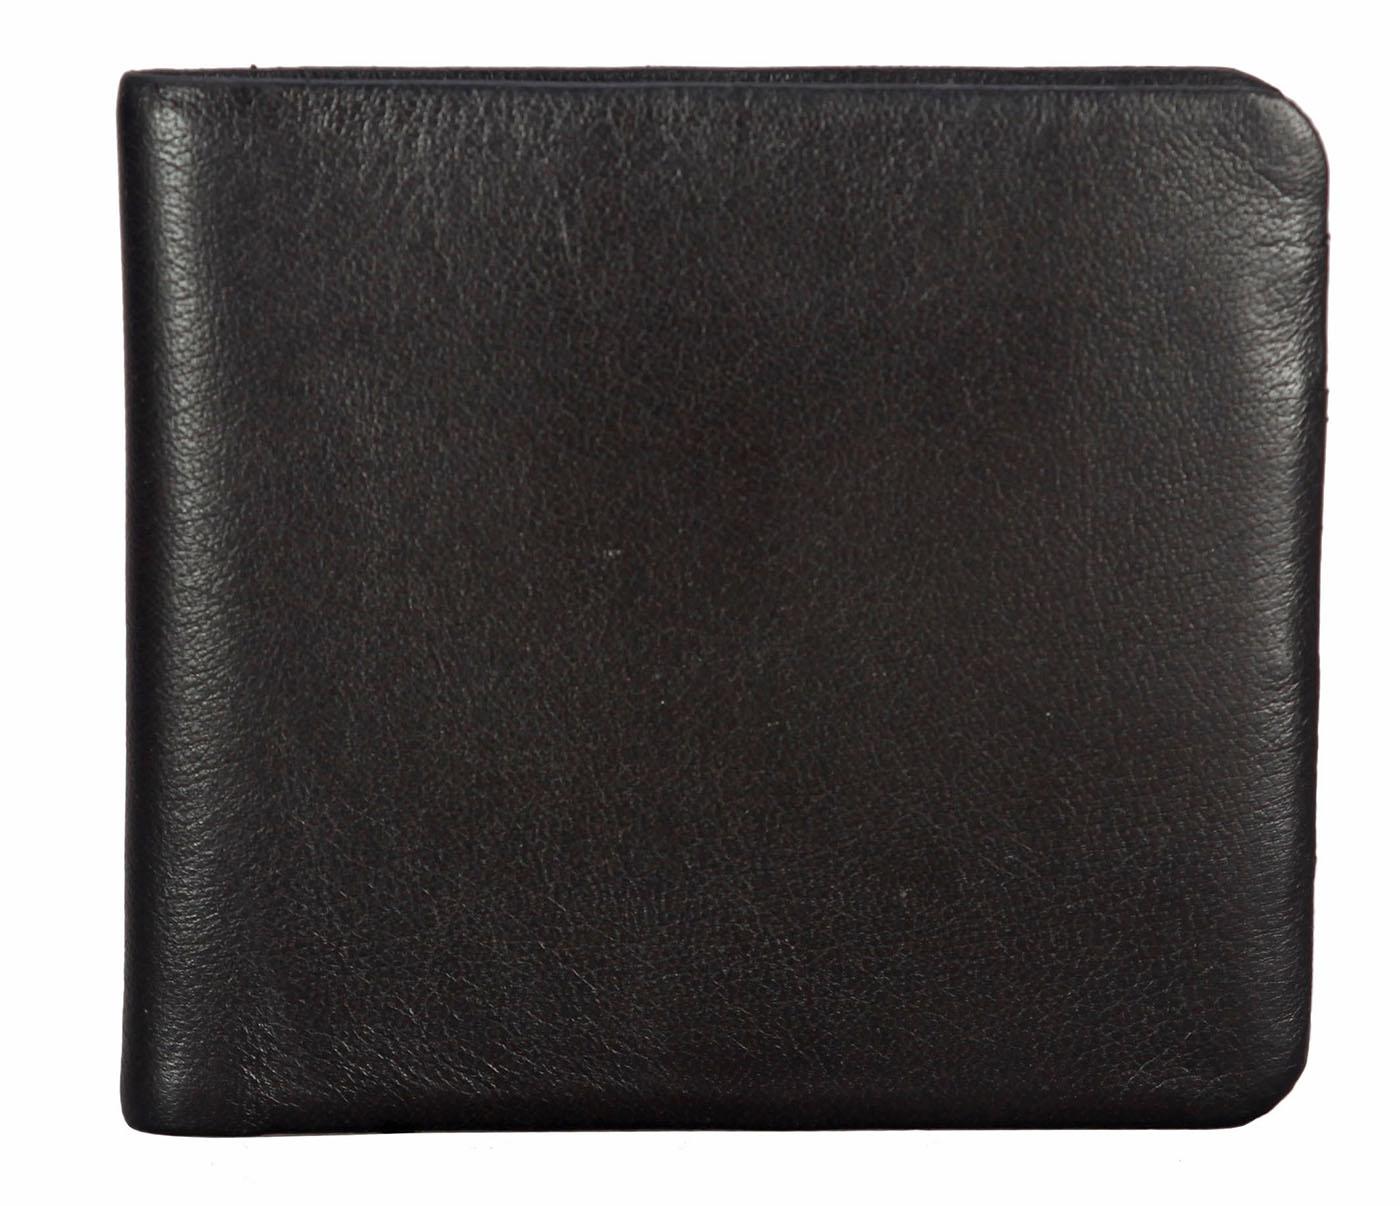 Wallet - VW18